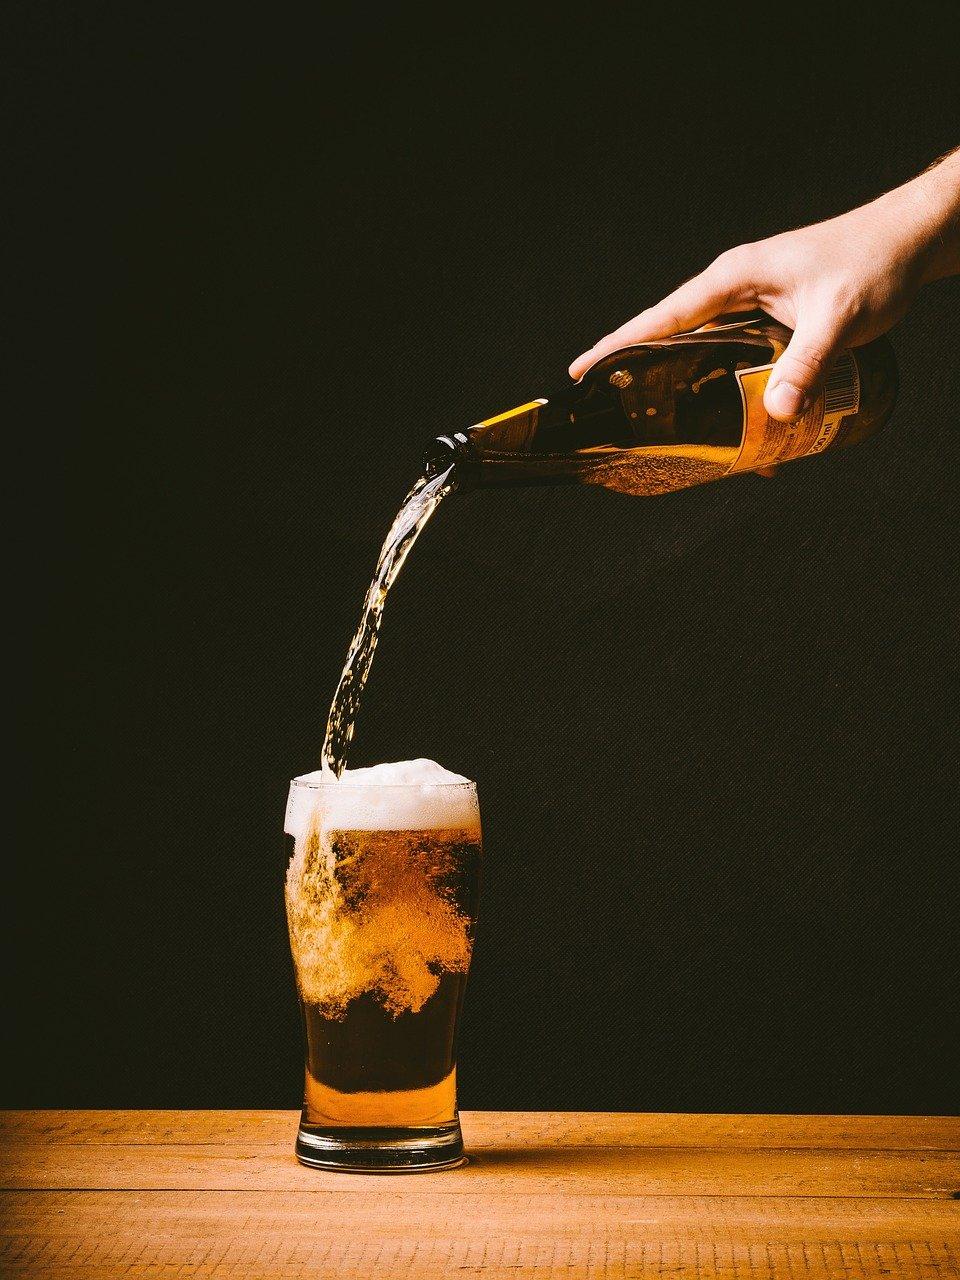 cerveza, torrencial, vidrio